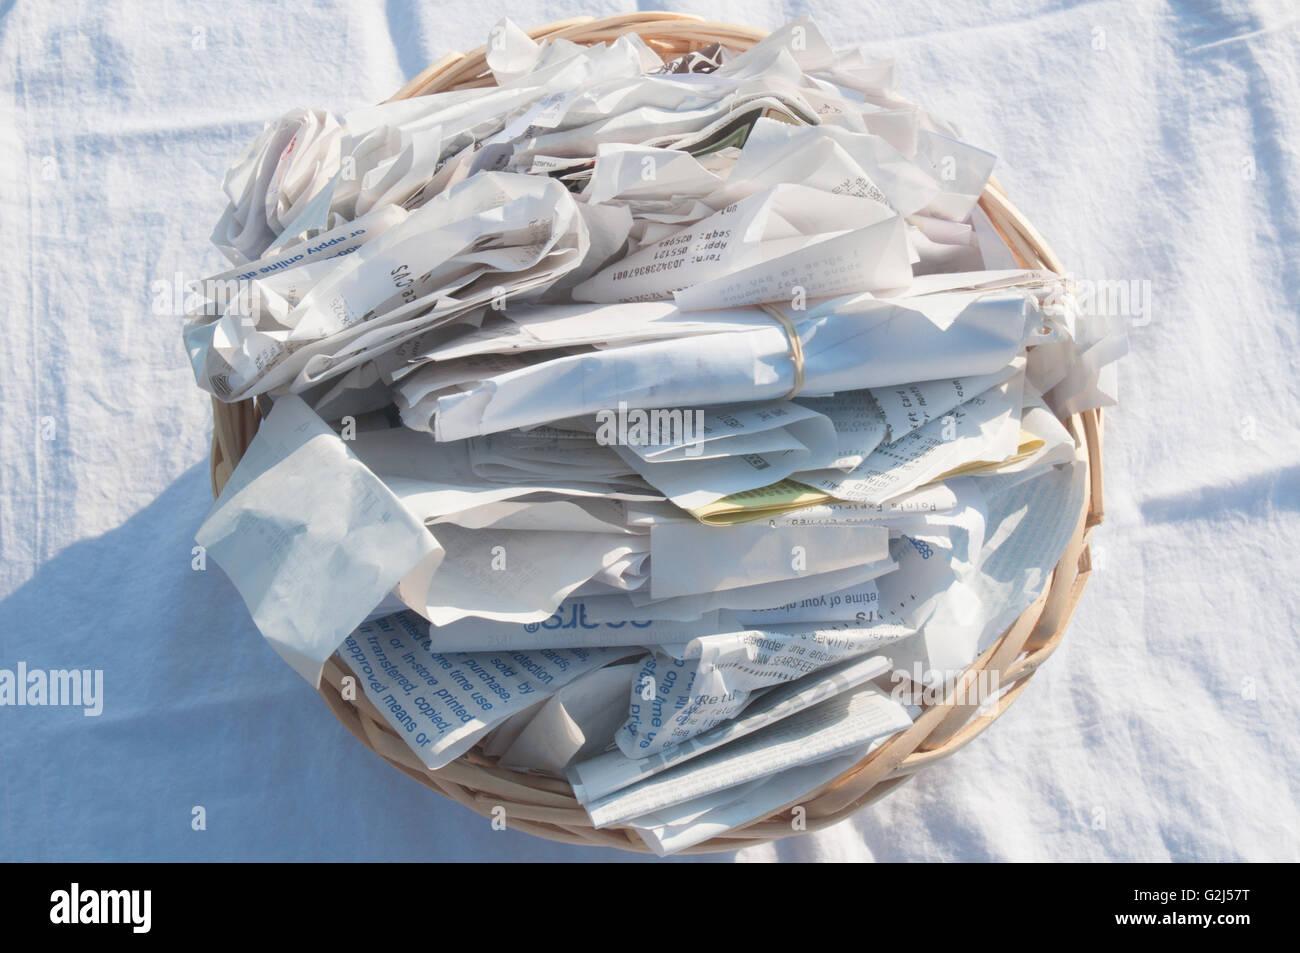 Des reçus papier dans le panier, High Angle View Photo Stock